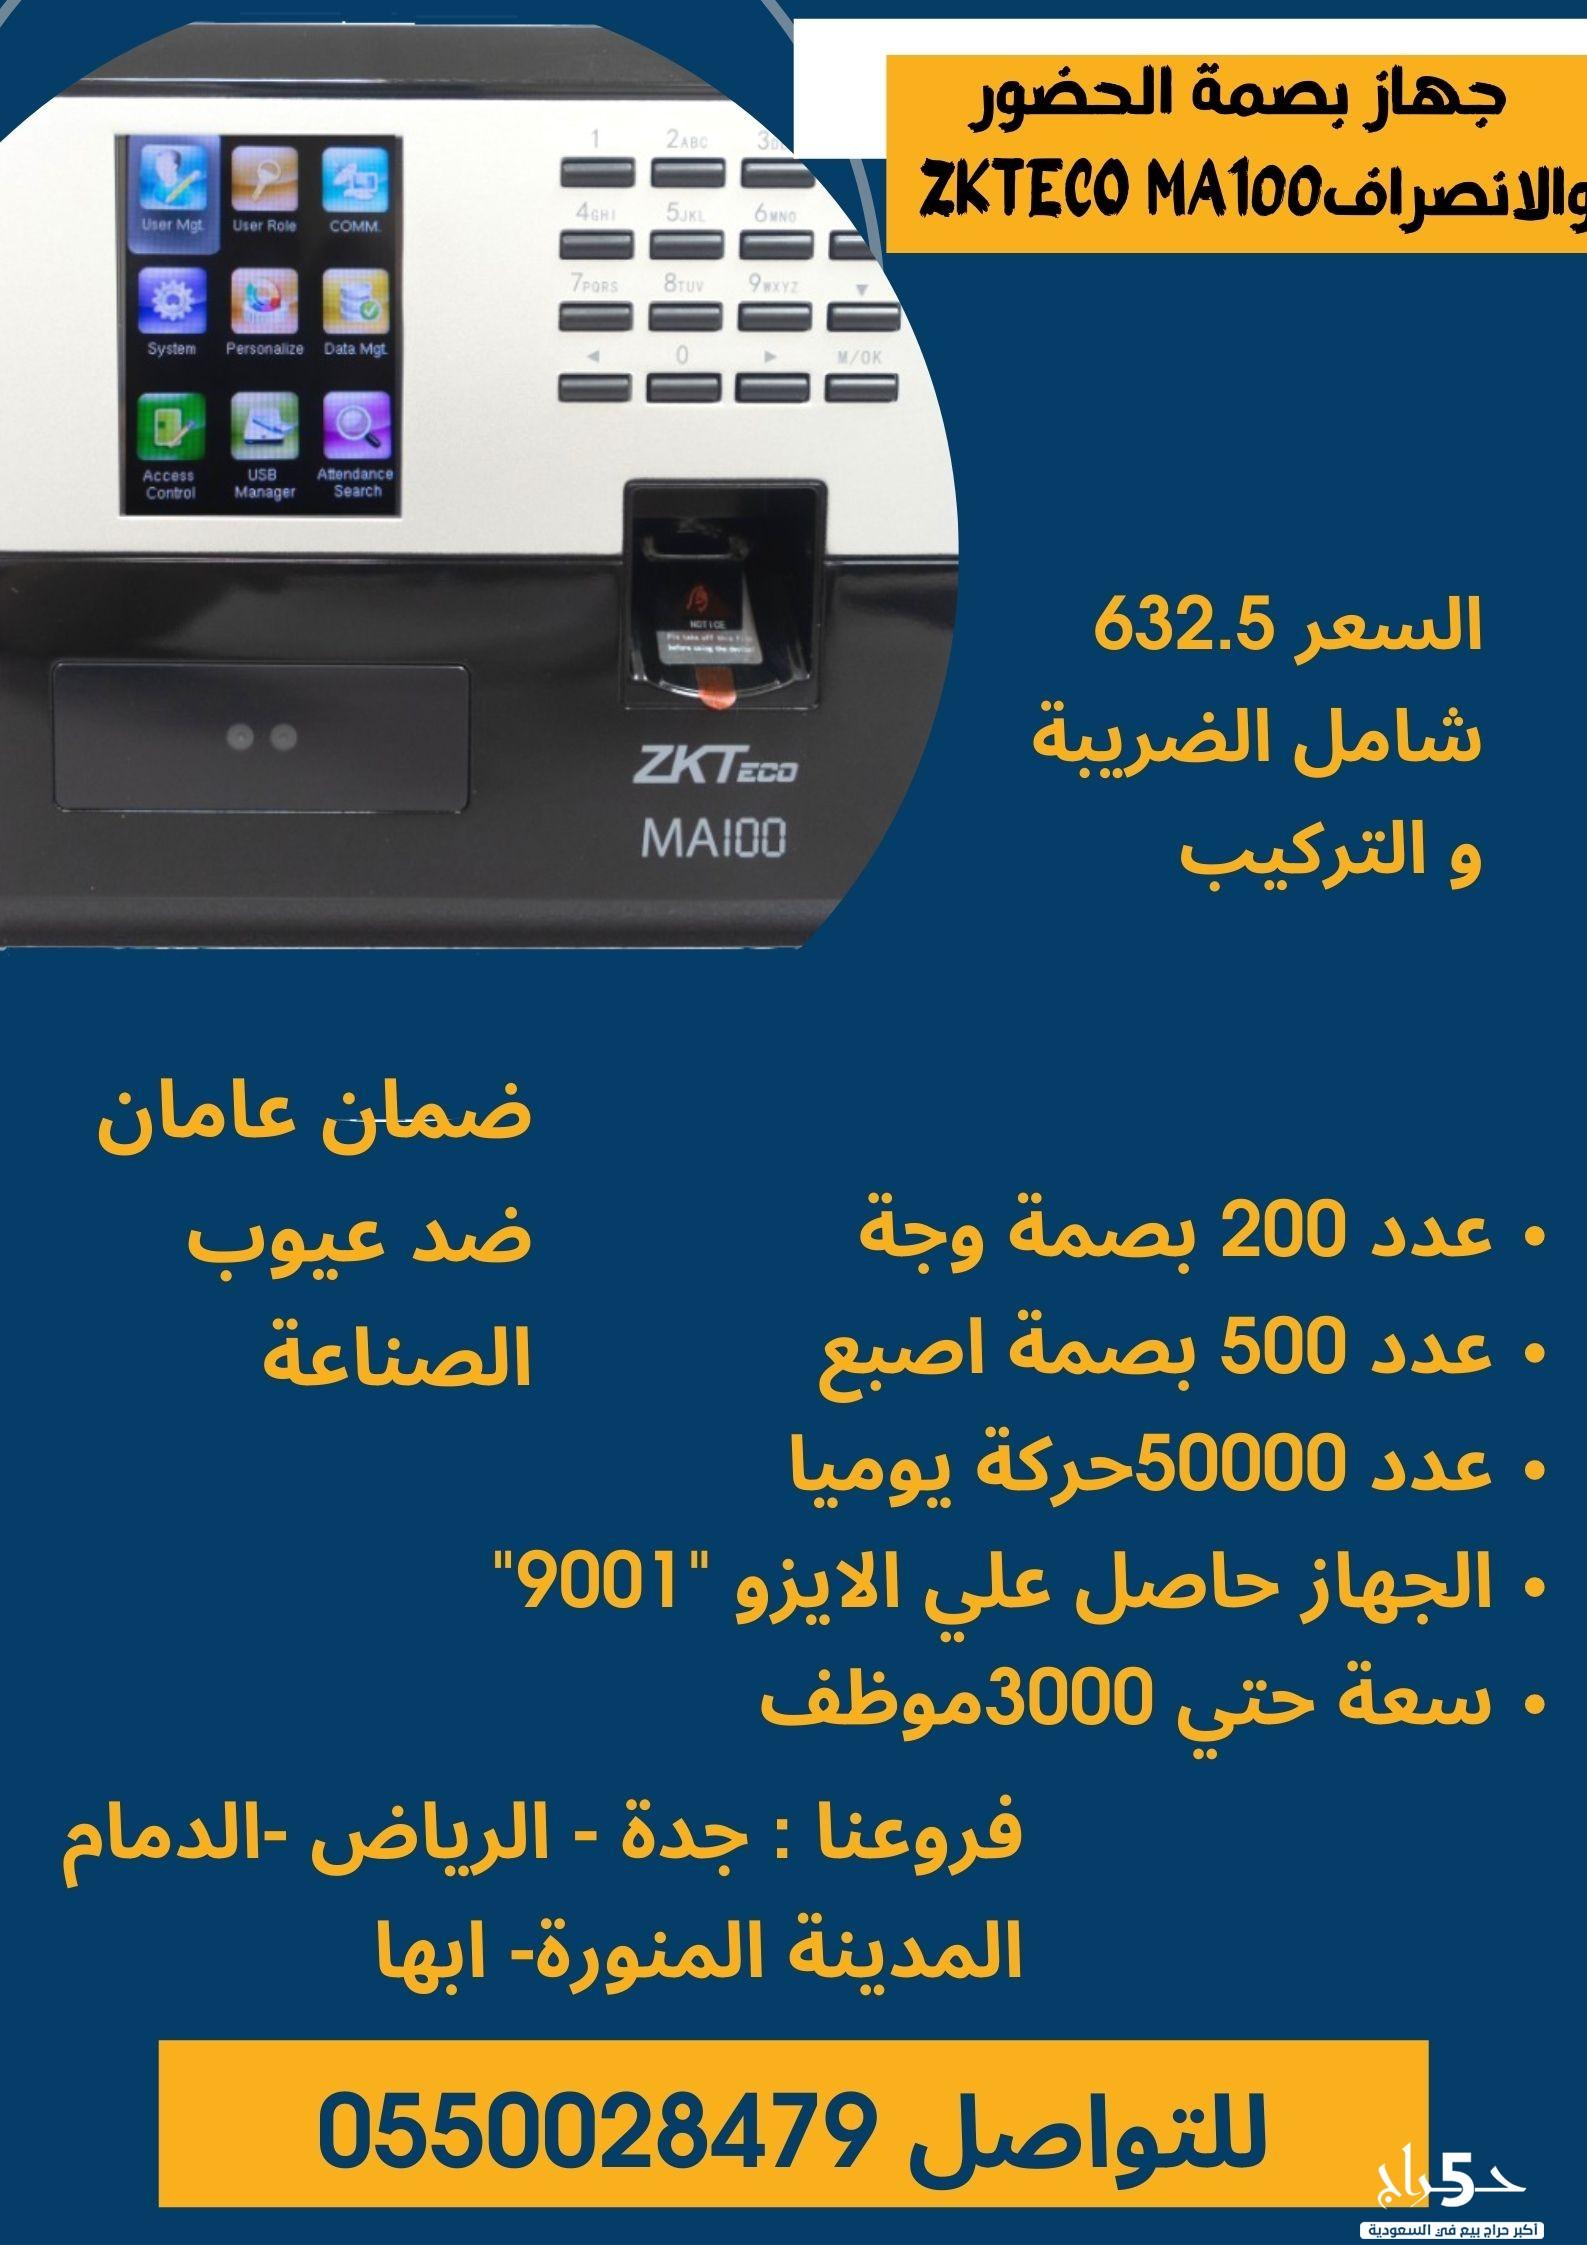 جهاز بصمة الحضور والانصراف  ZKTECO MA100